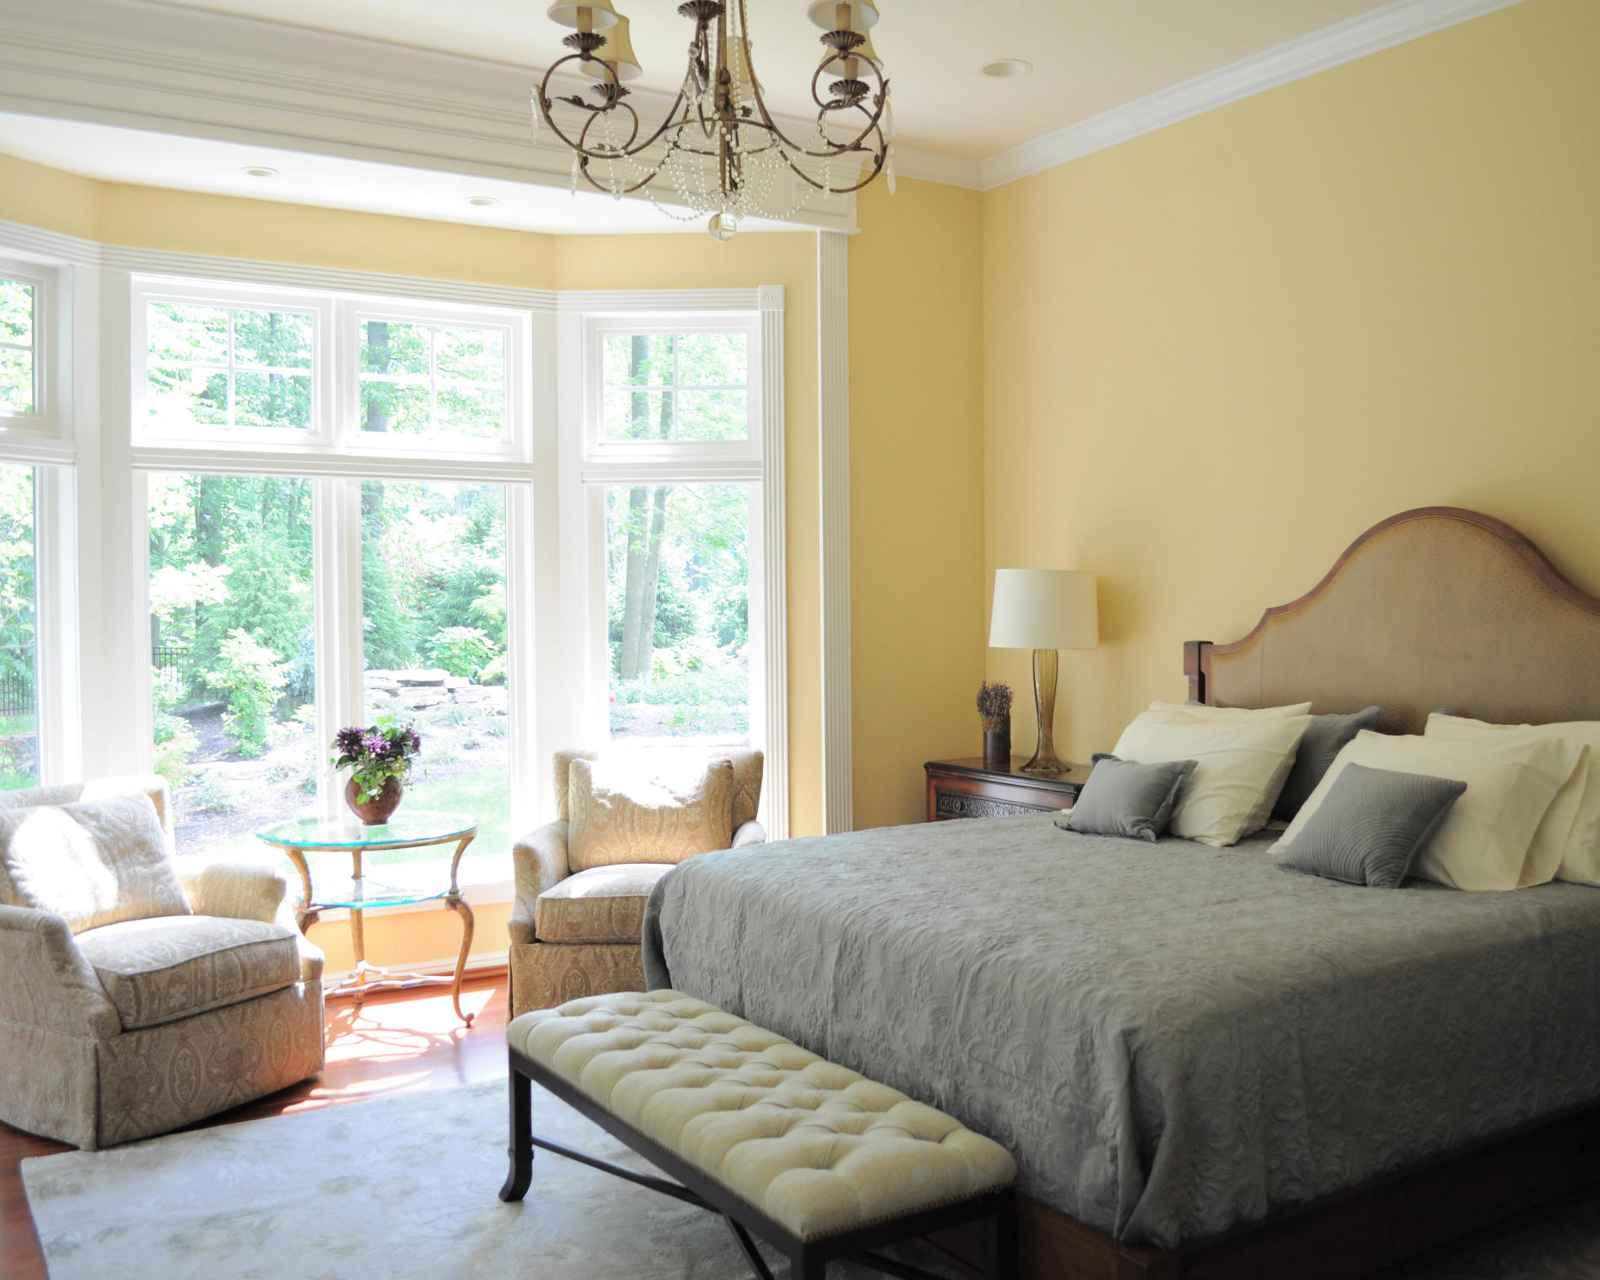 Cheap House Decor Ideas  Feel The Home